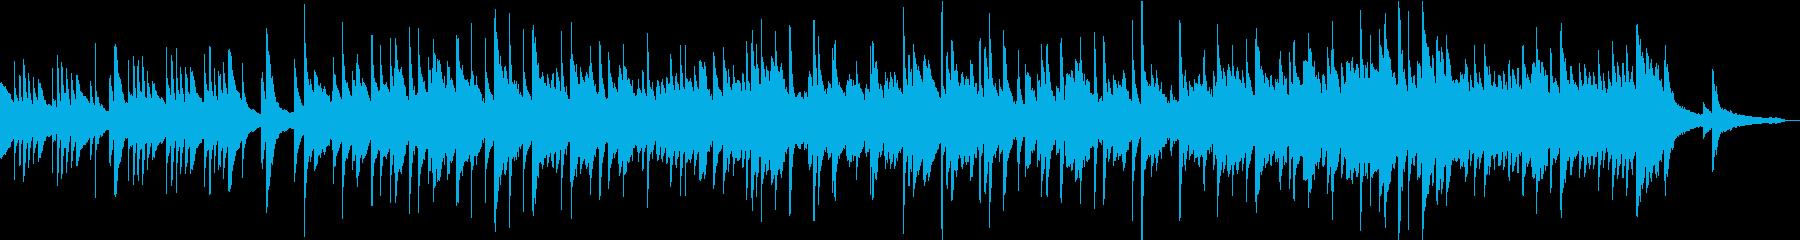 リラックス切ないピアノバラードの再生済みの波形